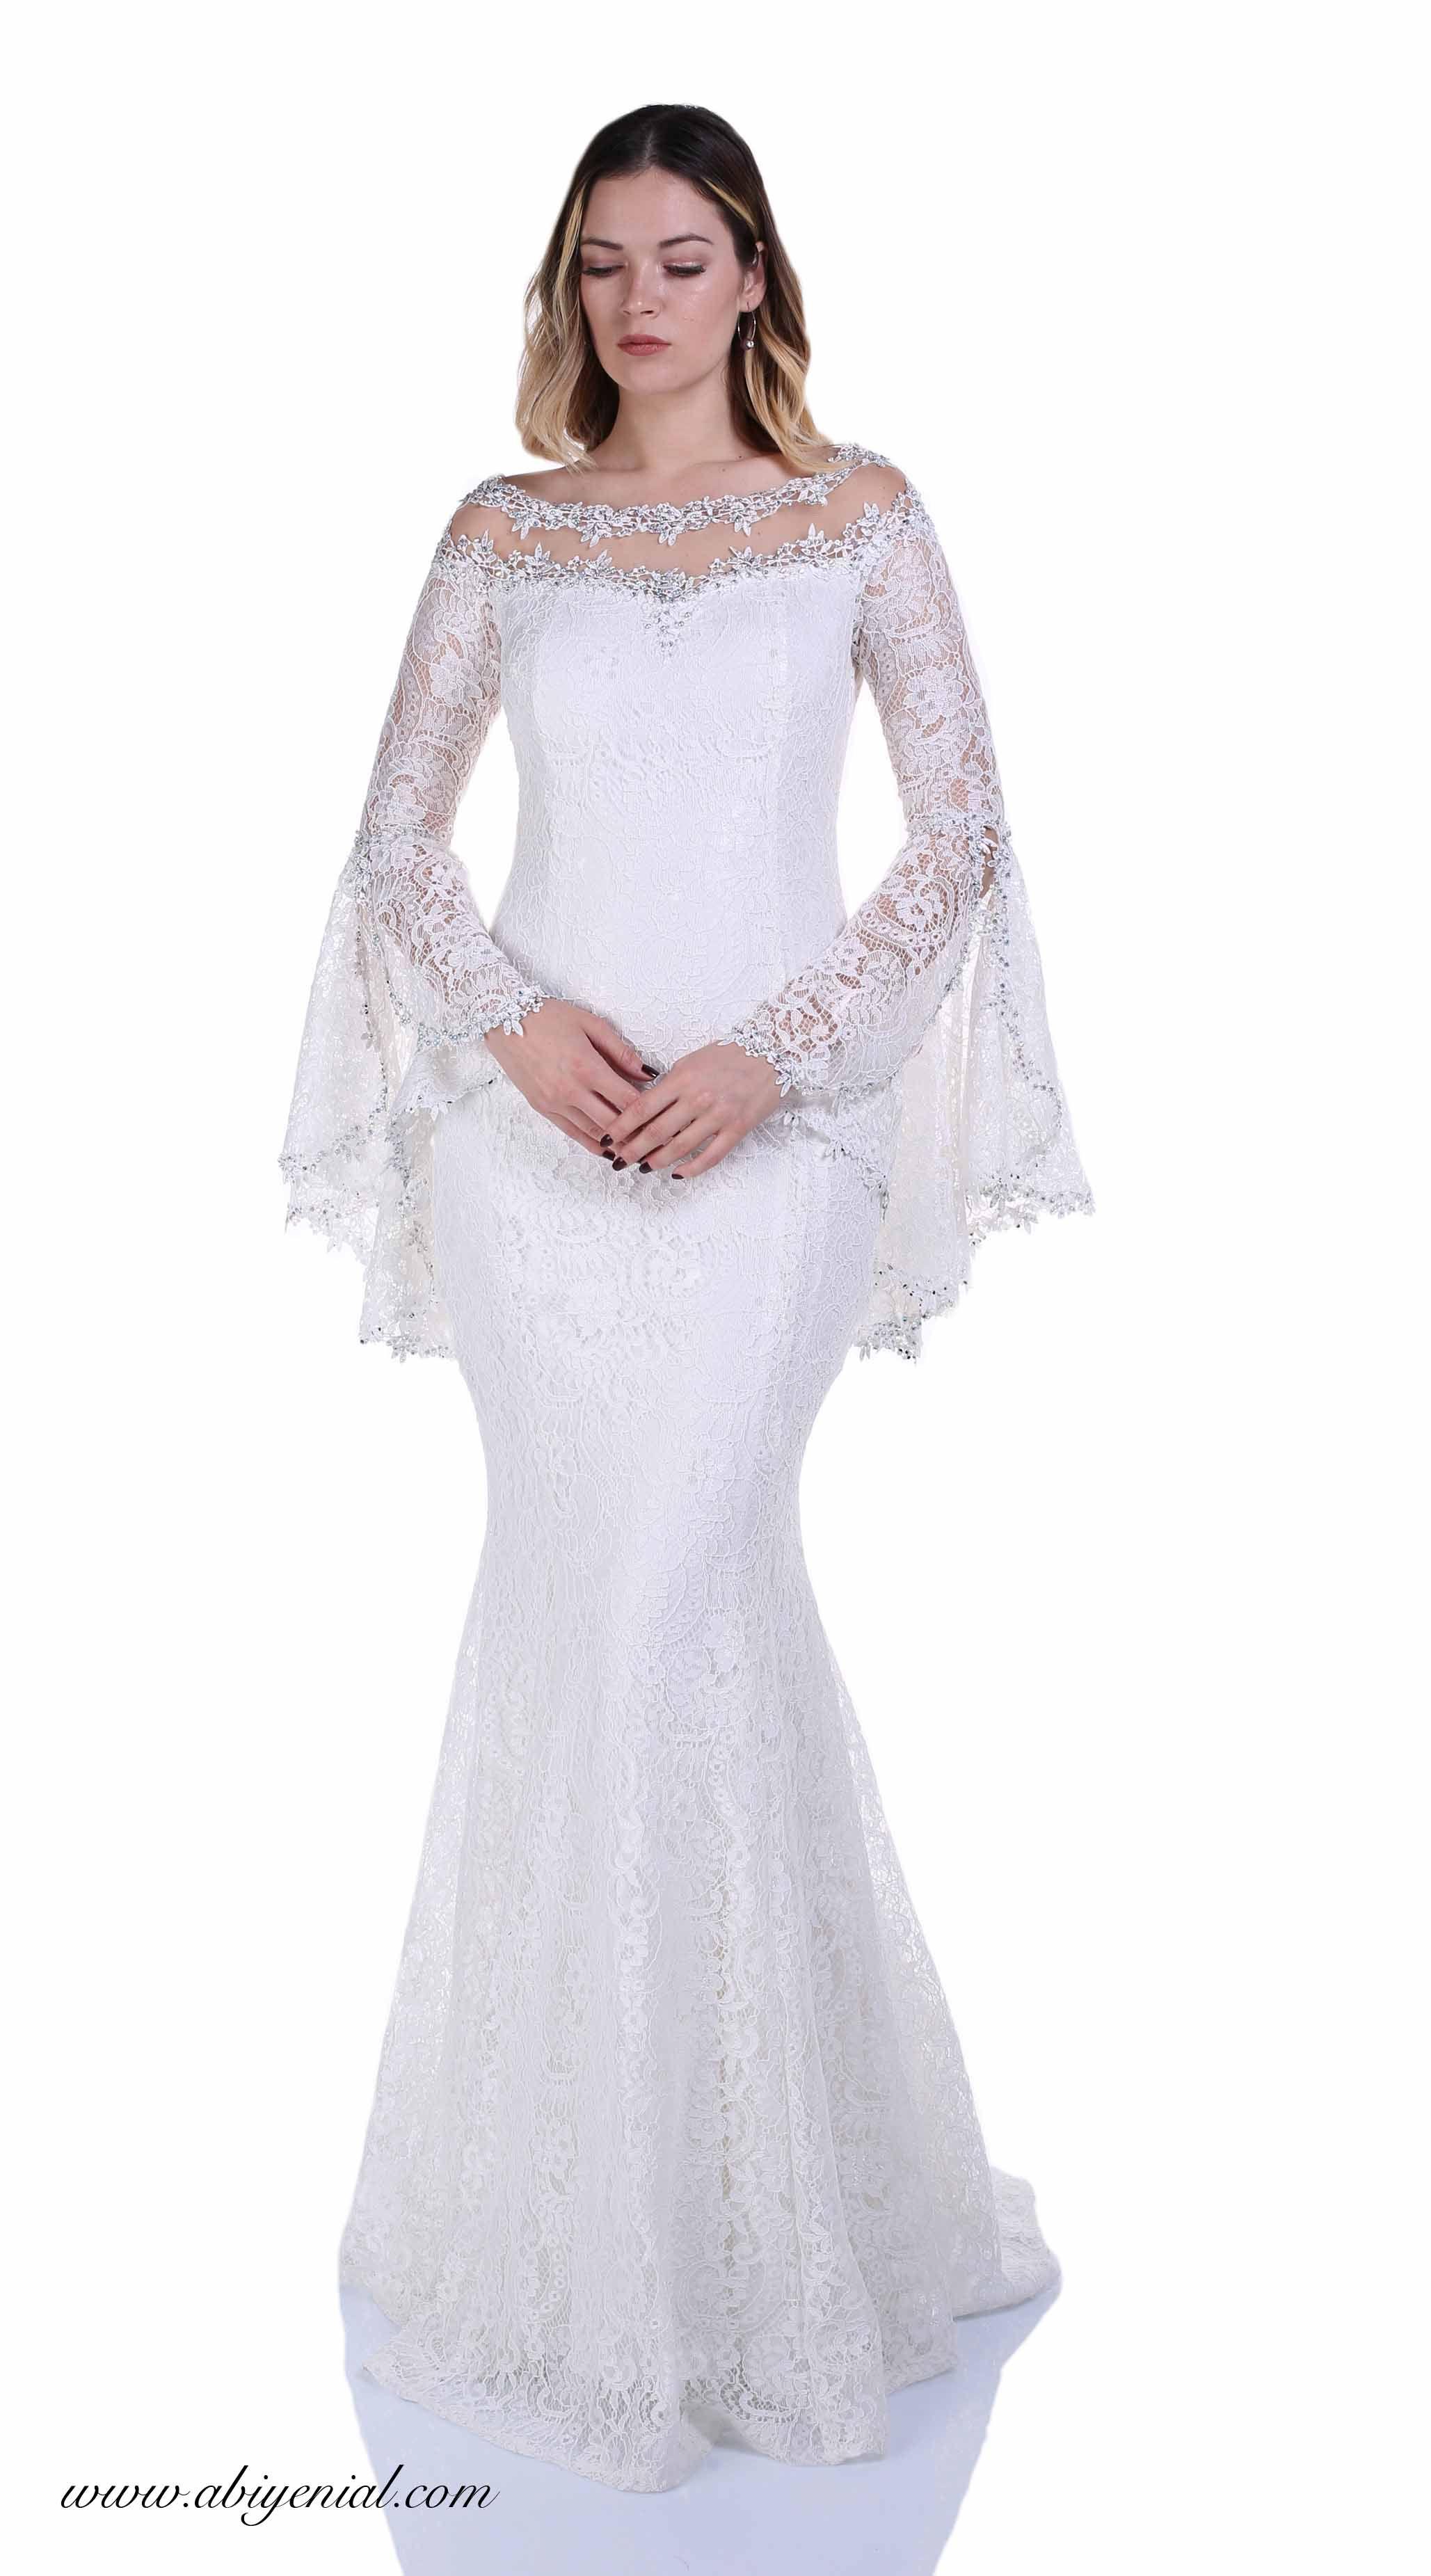 c62d435d1eedb Dantel Balık Abiye Elbise, Volan Kollu, Nikah Abiyesi #nikah #beyaz #sade